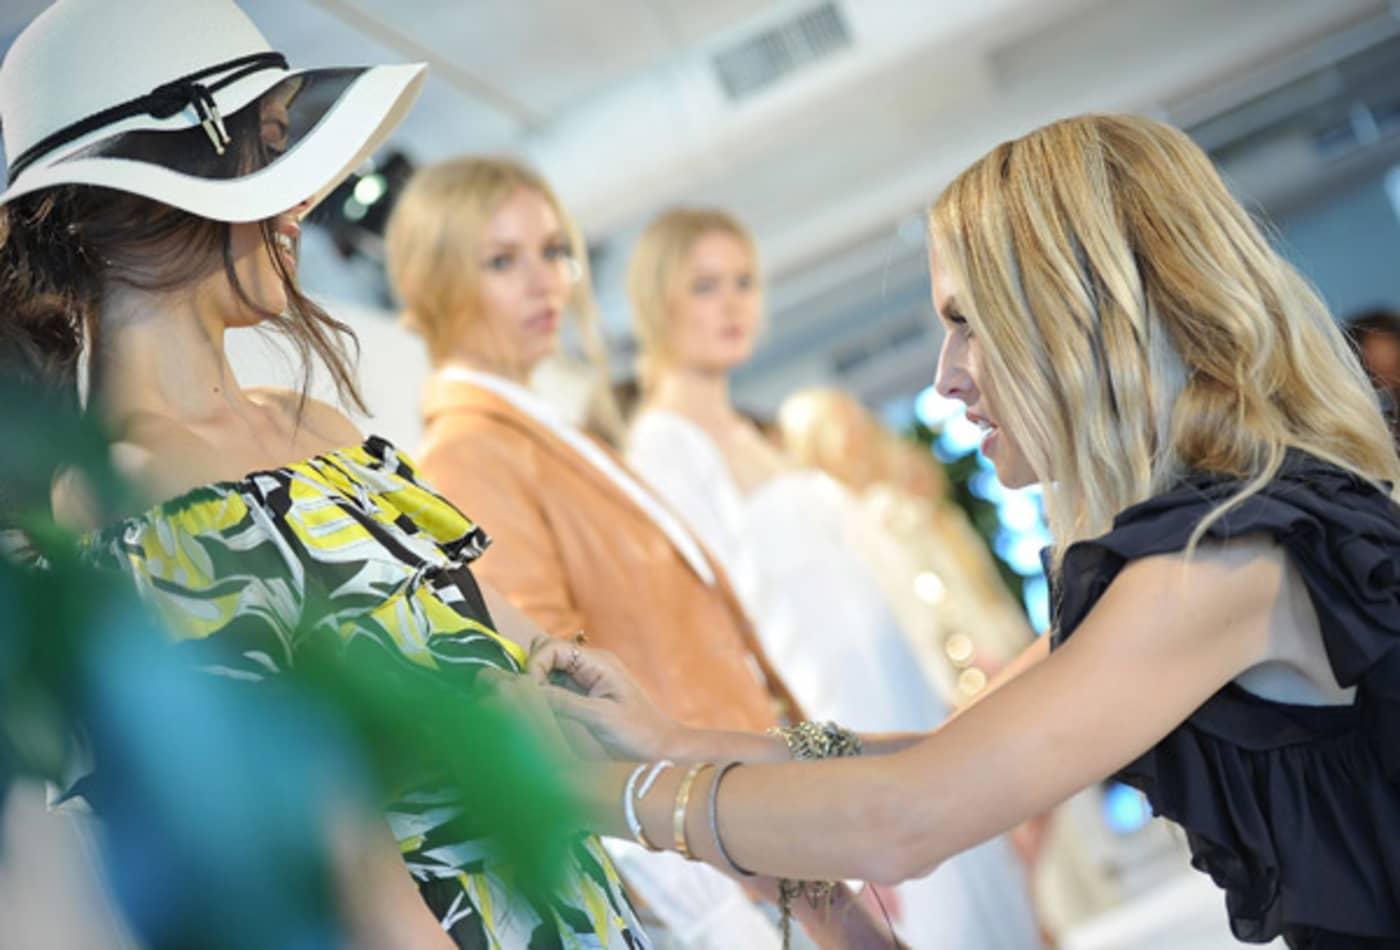 CNBC_NYC_fashion_week_2011_horiz11.jpg